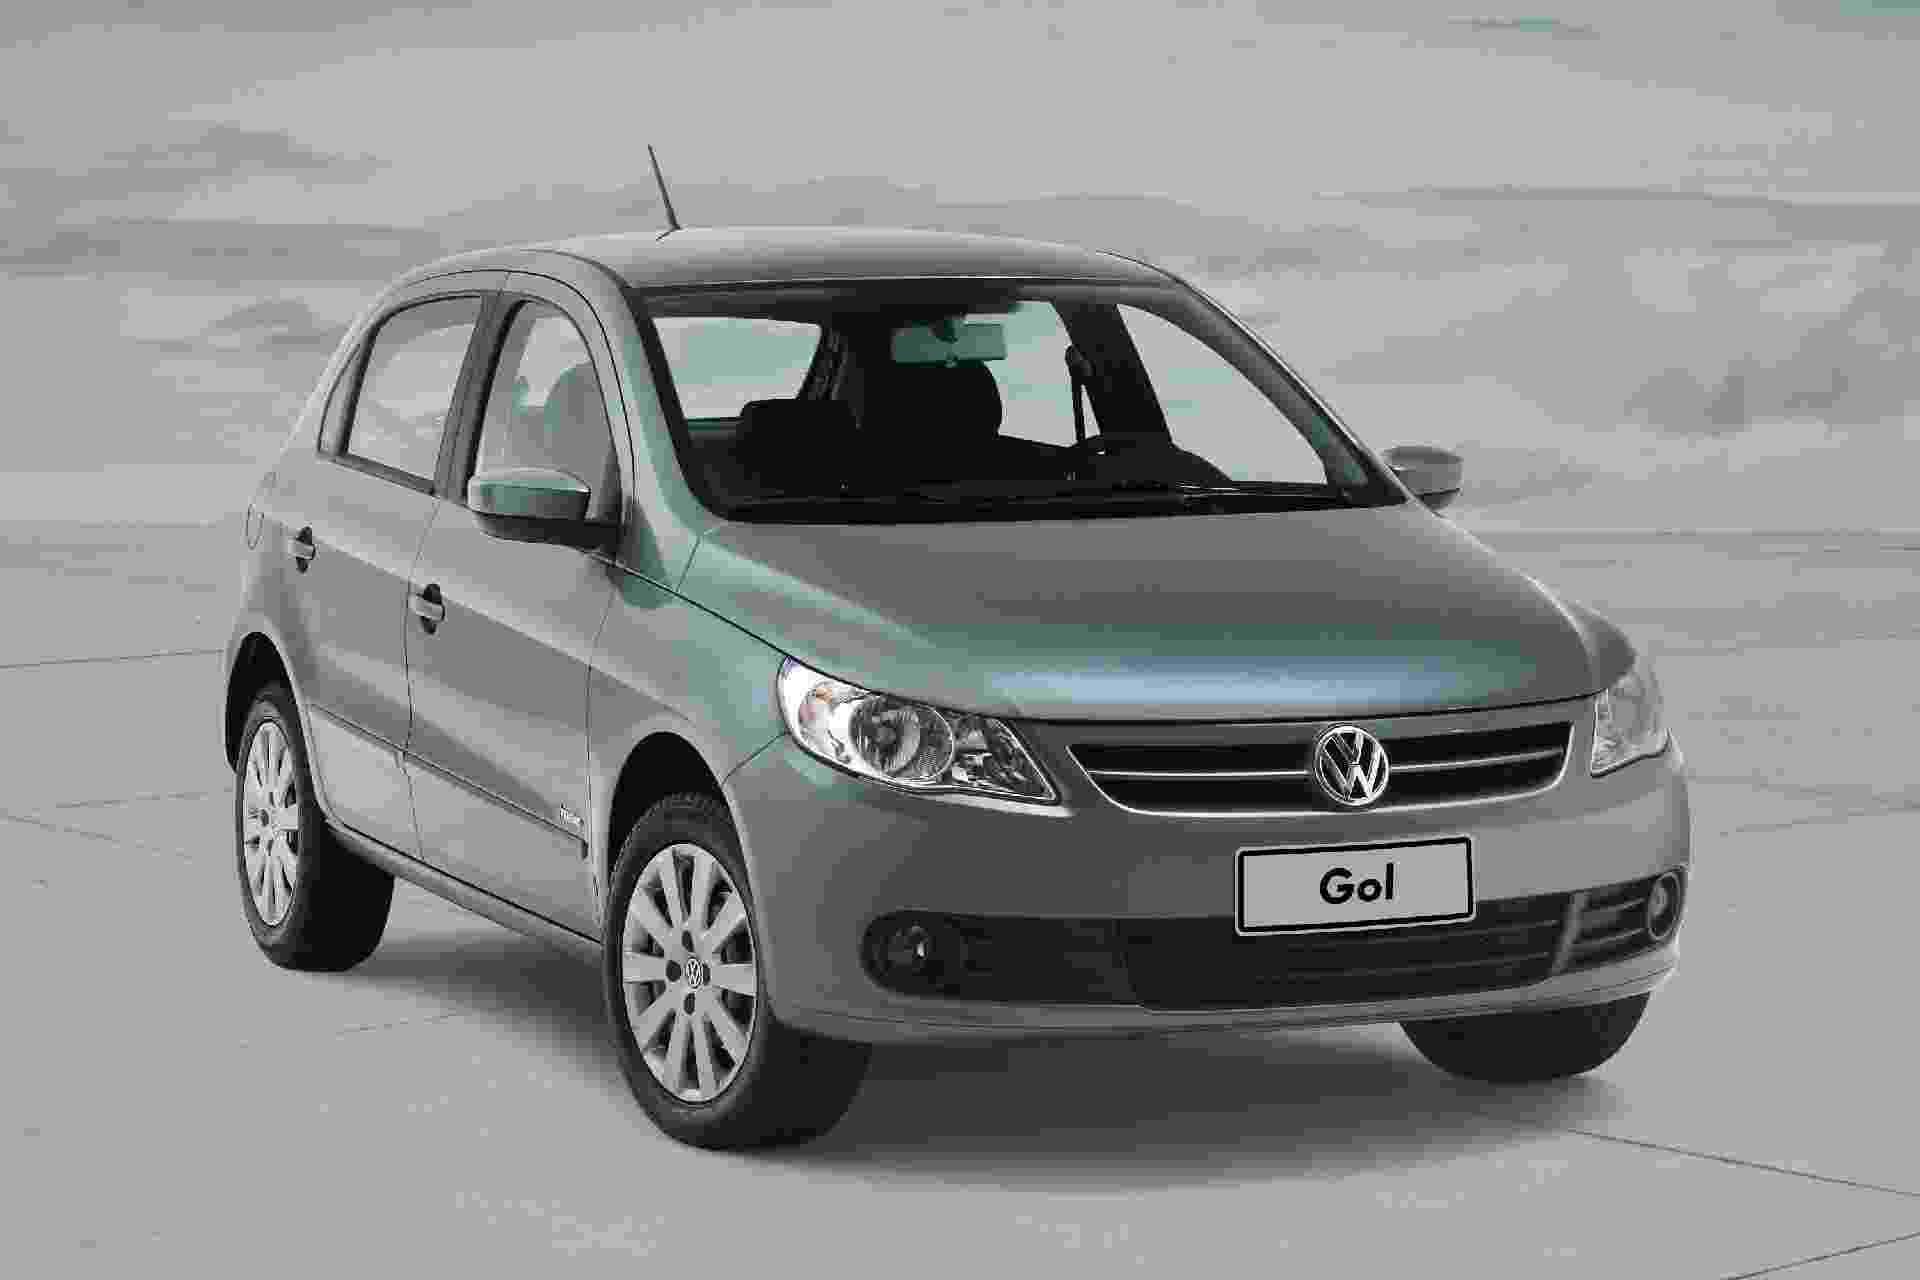 Volkswagen Gol - Divulgação